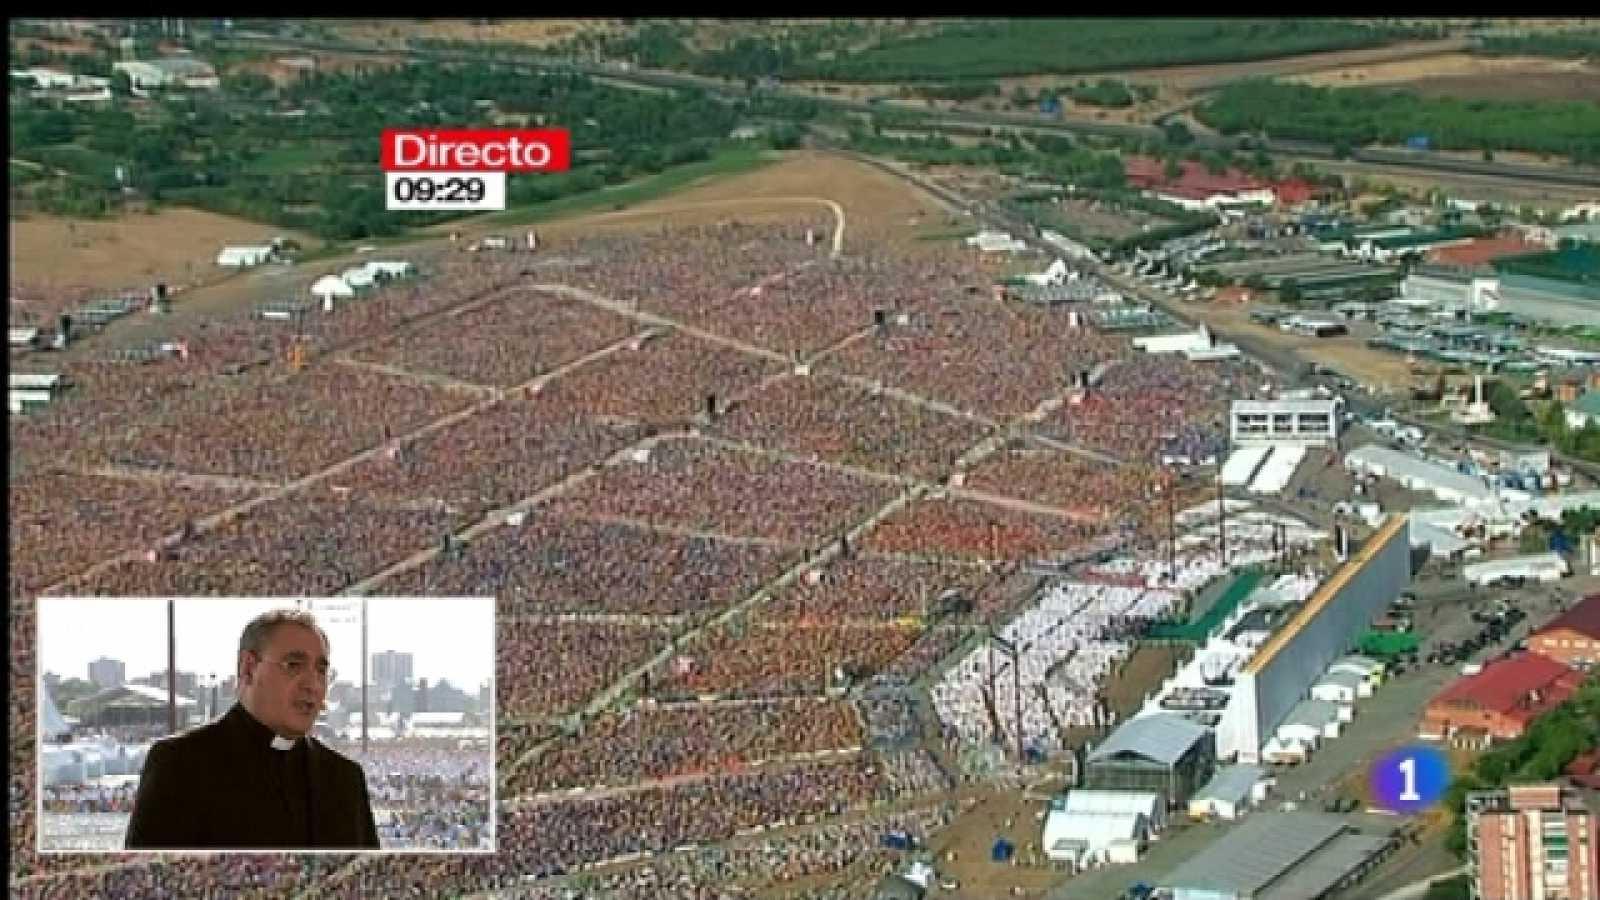 Especial informativo - Visita de S.S. el Papa Benedicto XVI - Llegada de Benedicto XVI a Cuatro Vientos - 21/08/11 - Ver ahora